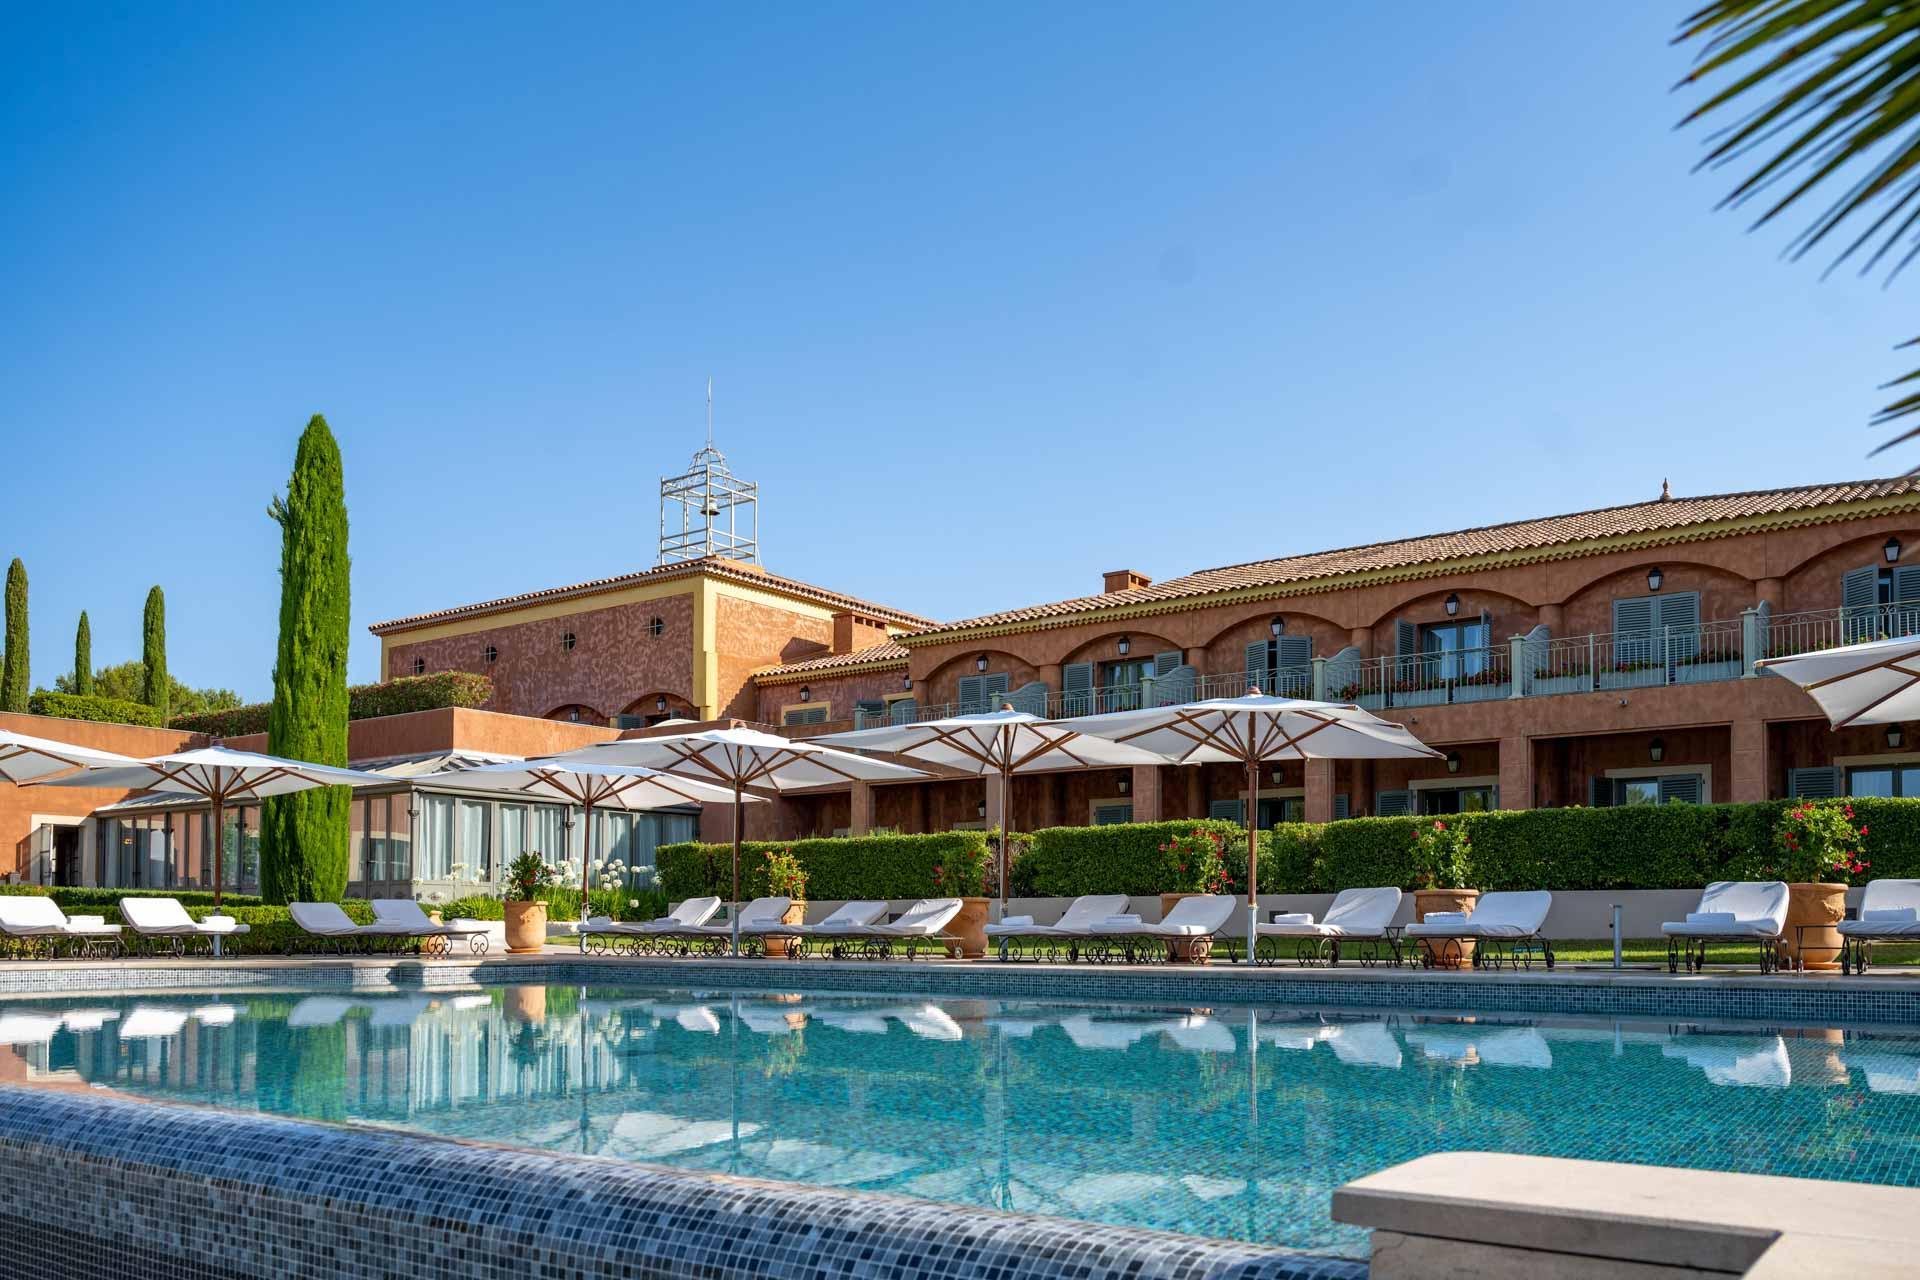 Vue de la piscine extérieure de l'hôtel © LiveandShoott